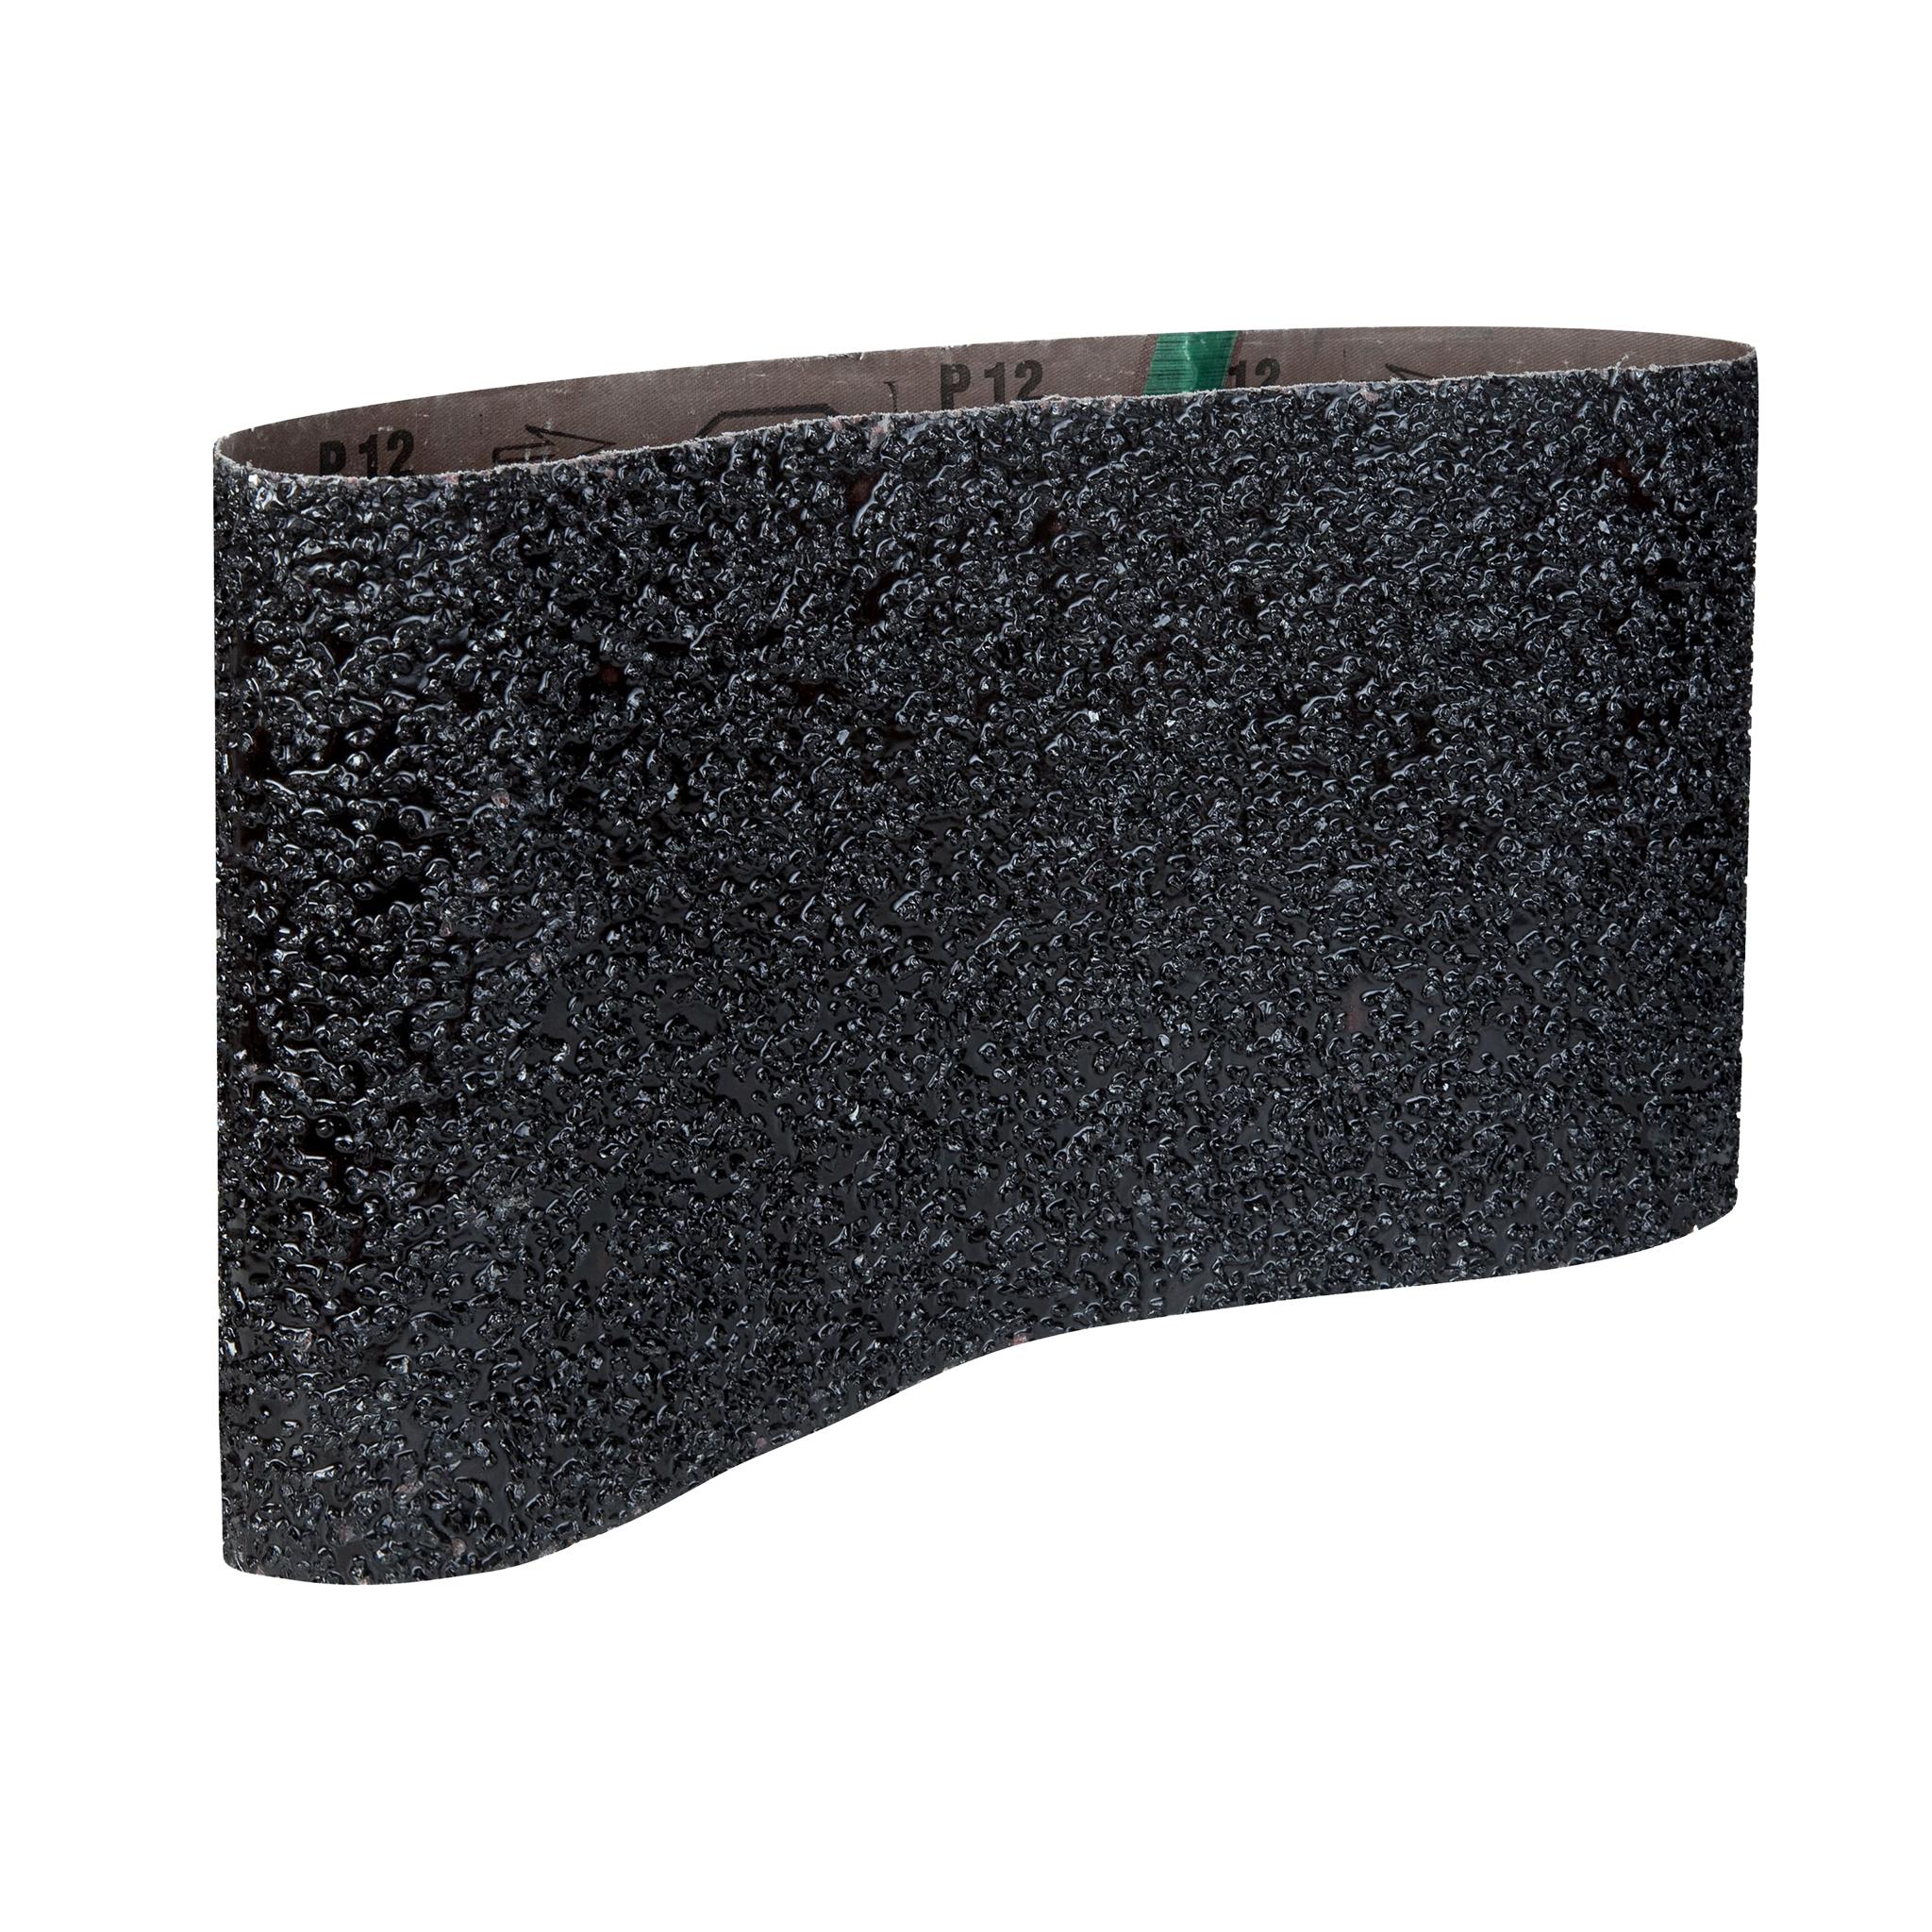 K 12 PARAT Belts Schleifband 200x750mm